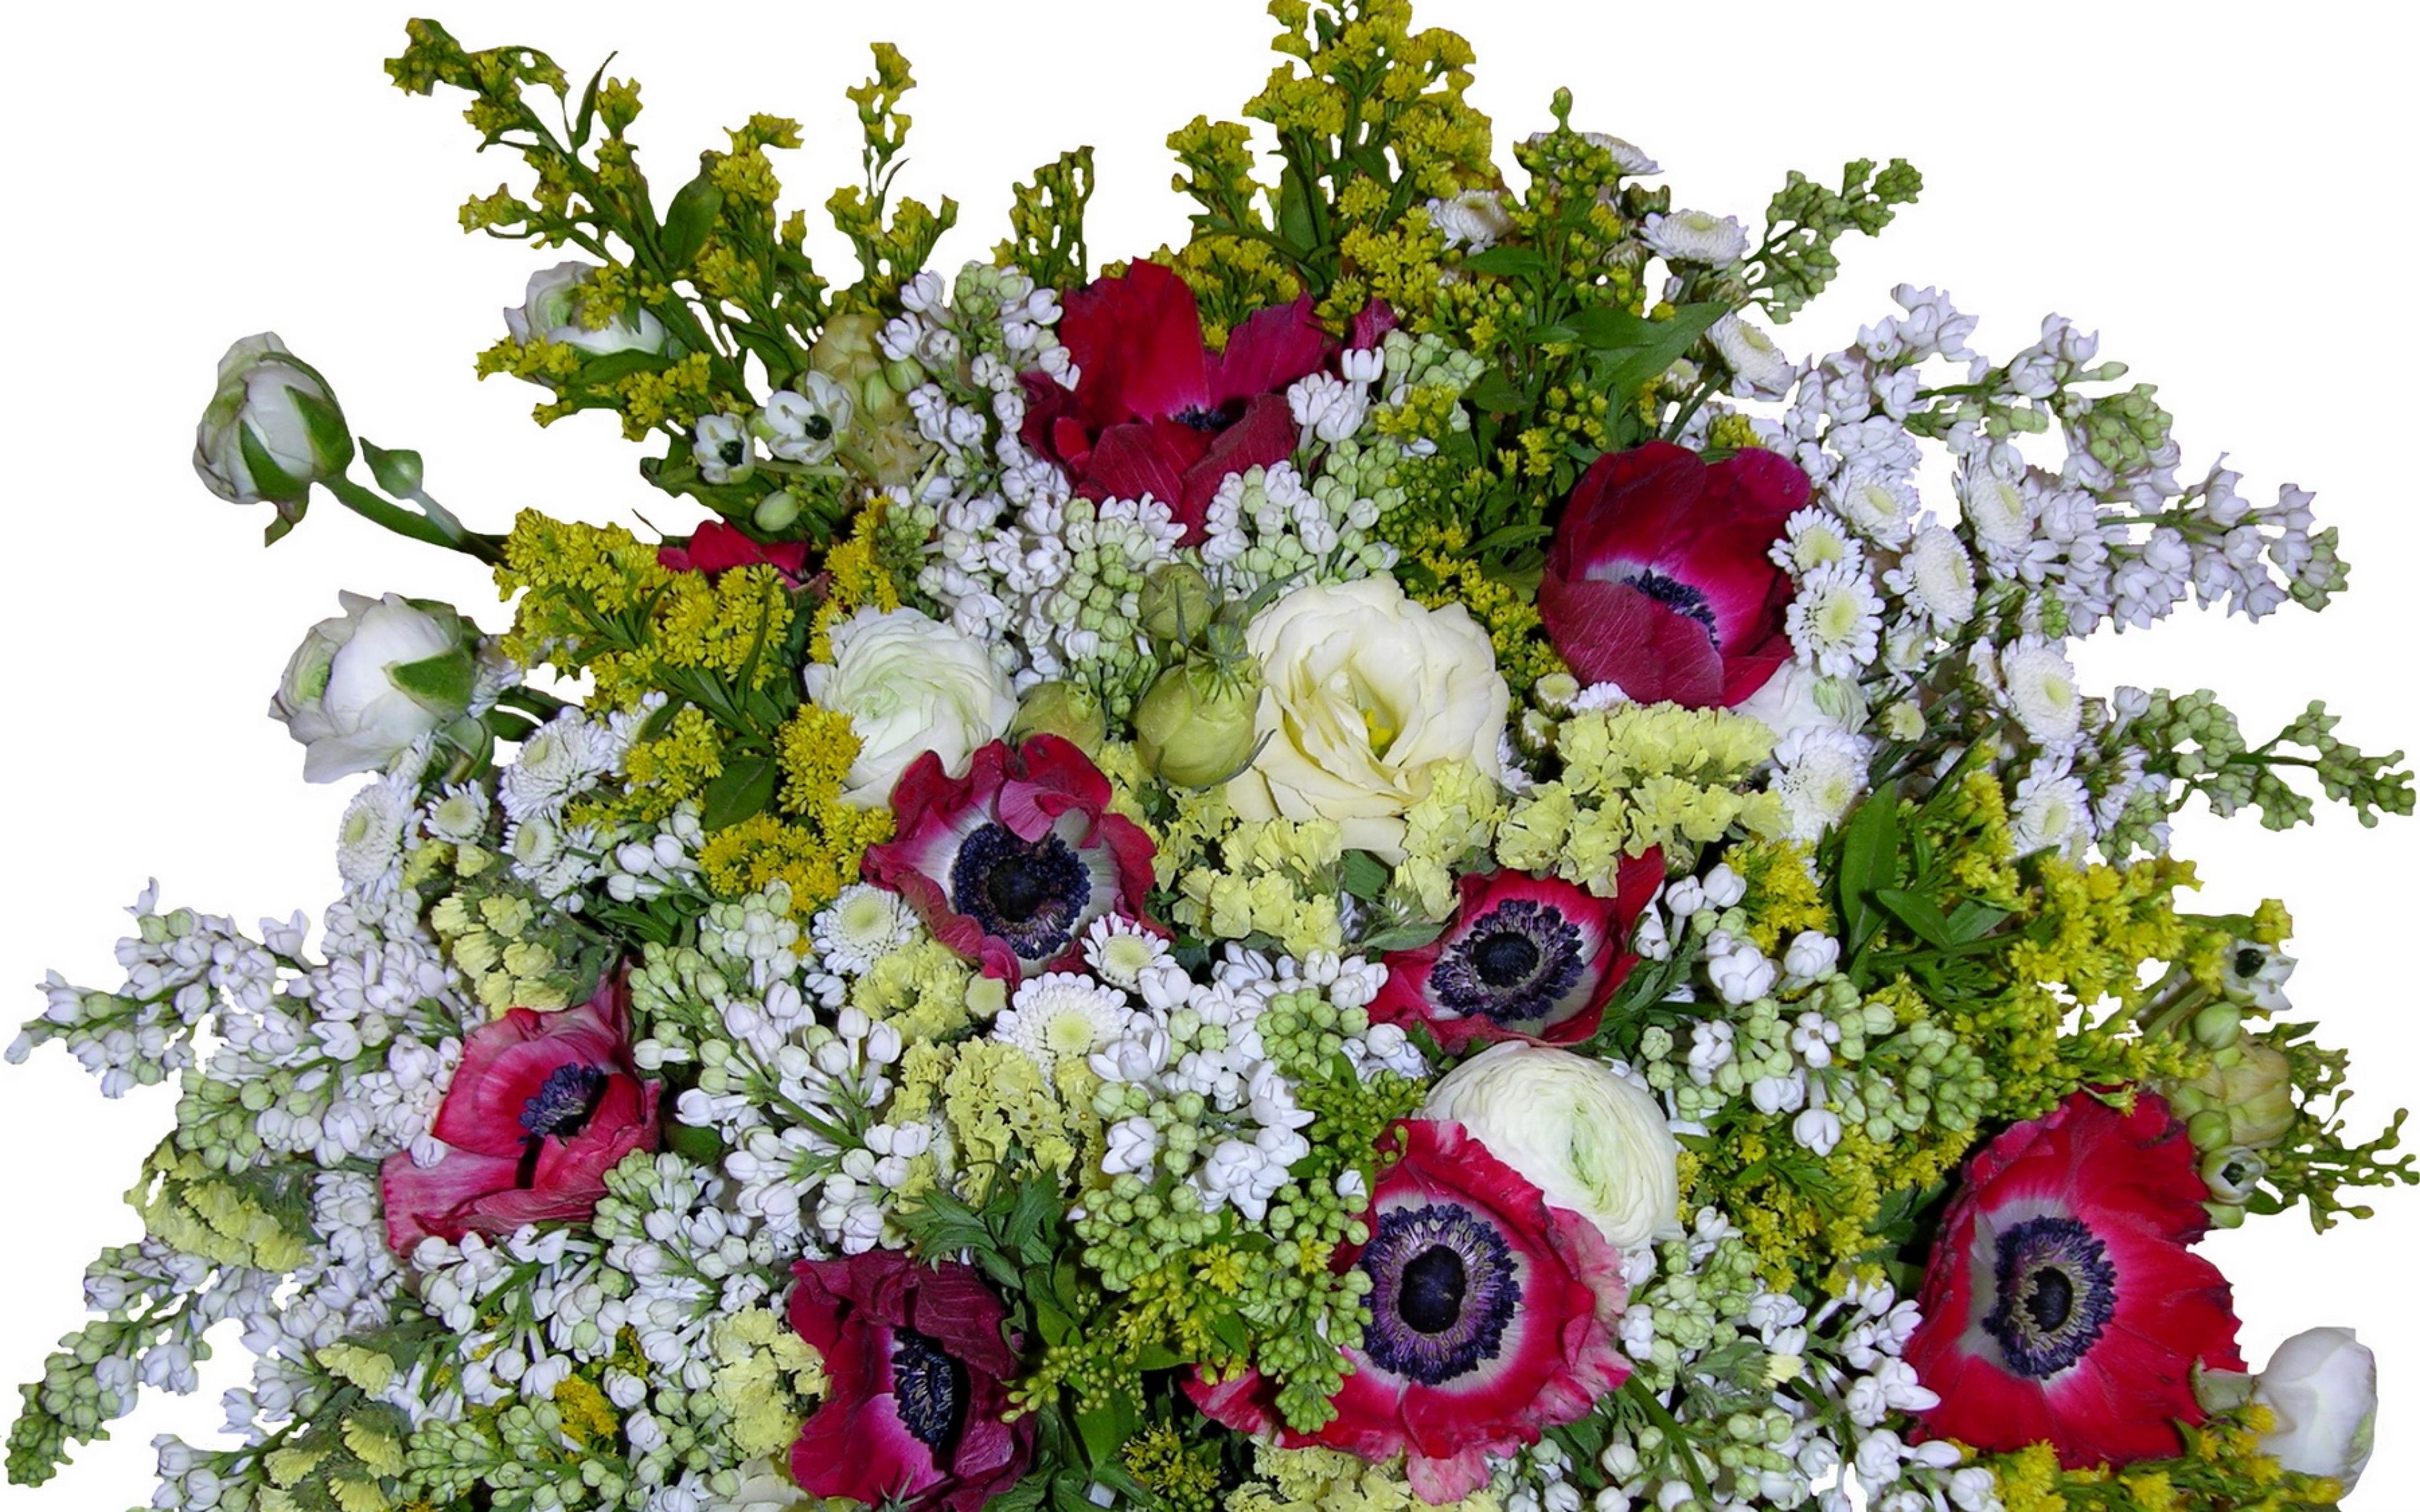 Flower Bouquet Pictures